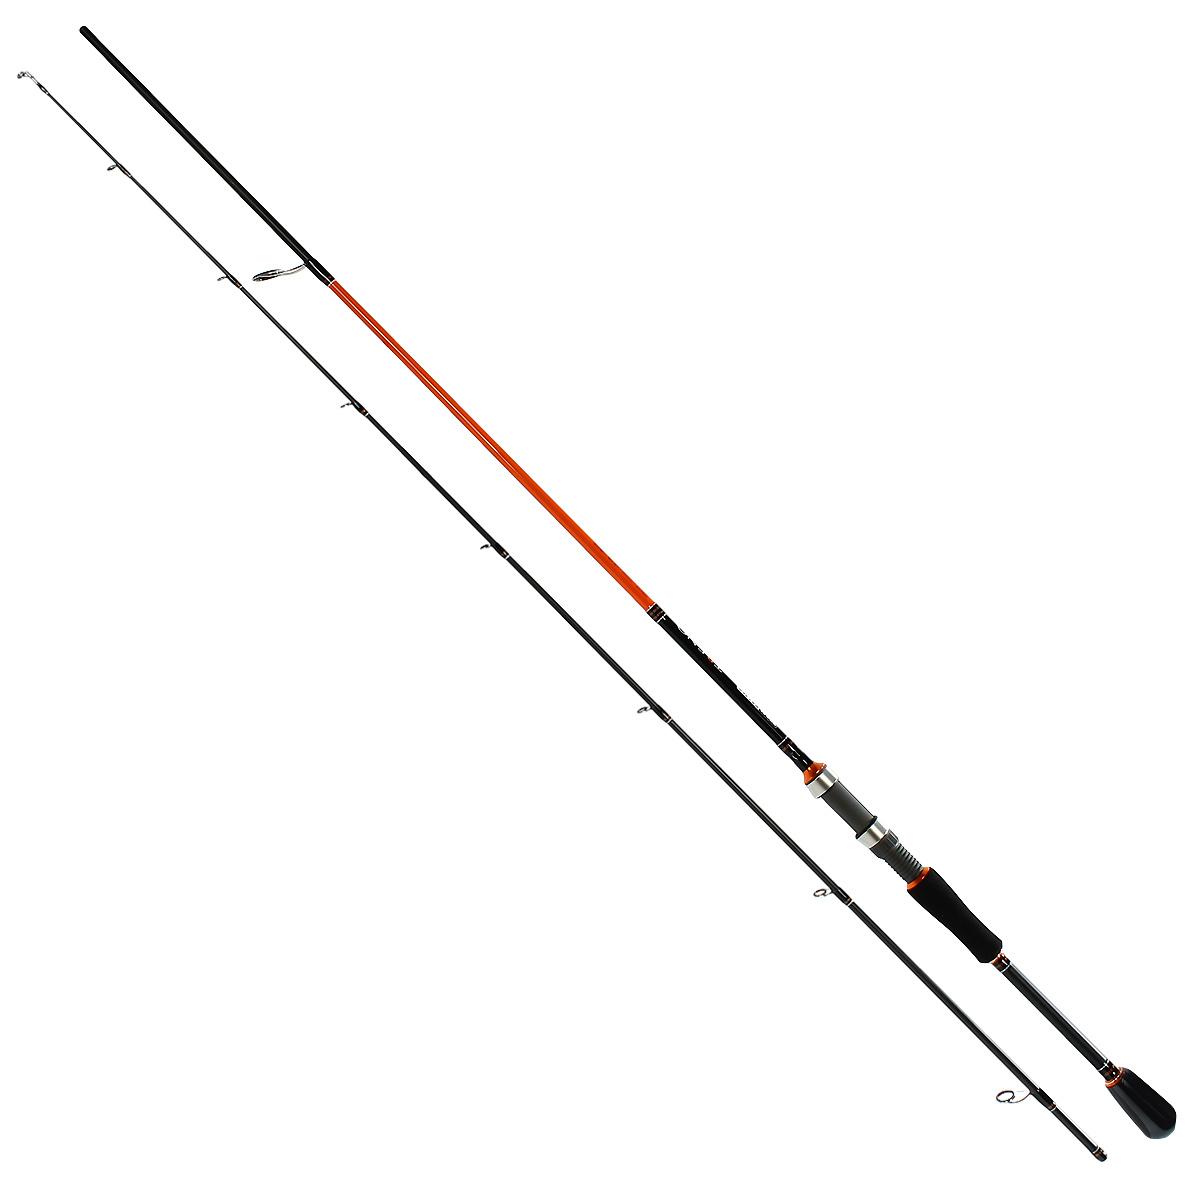 Удилище спиннинговое Team Salmo TRENO, 2,31 м, 4-18 гLJ105-01Серия спиннингов TRENO разработана специально для ловли хищной рыбы твичингом и на джиг-приманки. Бланки этой серии изготовлены из усовершенствованного высокомодульного графита 40T, обеспечивающего максимальную прочность, а также высокую чувствительность по всему заявленному тестовому диапазону. Строй бланков быстрый и экстра быстрый. Бланк в основании достаточно толстый, что дает преимущества не только при вываживании крупной рыбы, но и при рывковой проводке воблеров. Несмотря на относительно небольшую длину, спиннинги TRENO обладают отличными бросковыми характеристиками. Спиннинги укомплектованы пропускными кольцами Fuji K-guide со вставками SIC. Наклоненные колечки на вершинке - раннинги и противозахлестный тюльпан, не позволят запутаться за них в сильный ветер даже мягкому PE шнуру. В элегантной и практичной разнесенной рукоятке, из прочного материала EVA, установлен катушкодержатель VSS от Fuji с задней гайкой крепления. Материал ручек жесткий и приятный на ощупь.